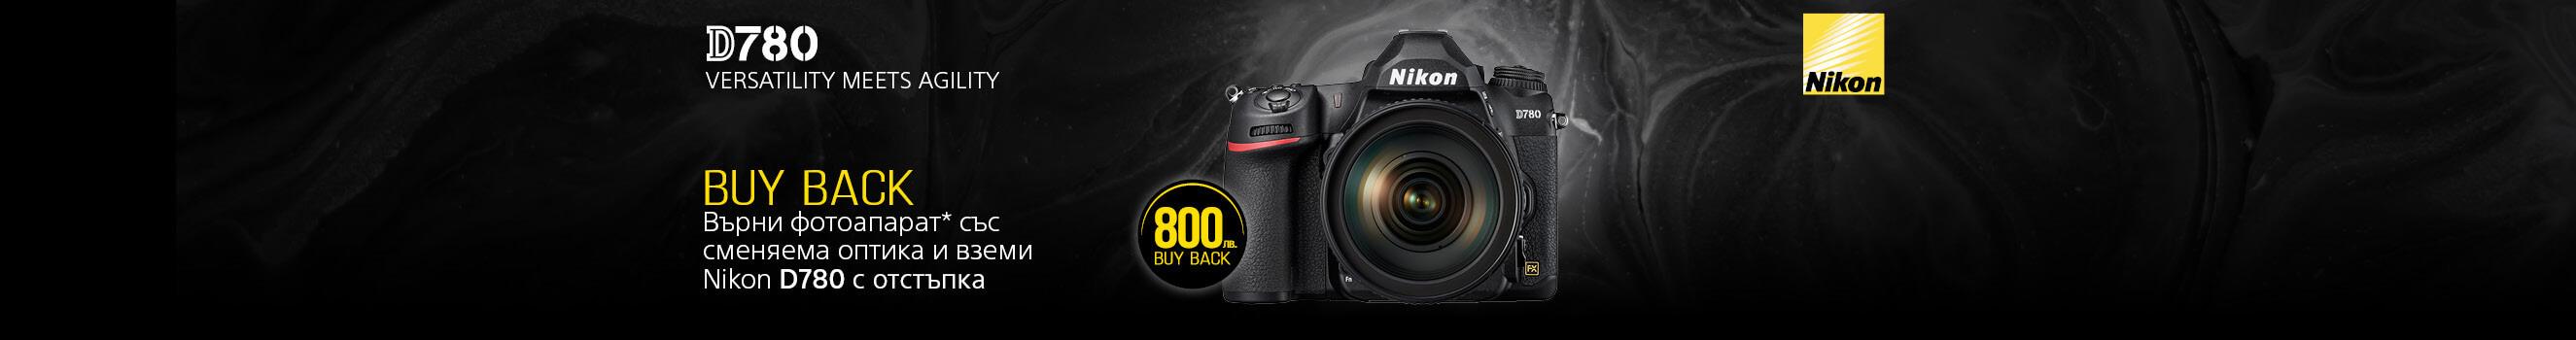 Новият фотоапарат Nikon D780 с 800 лв. отстъпка при връщане на стар фотоапарат!